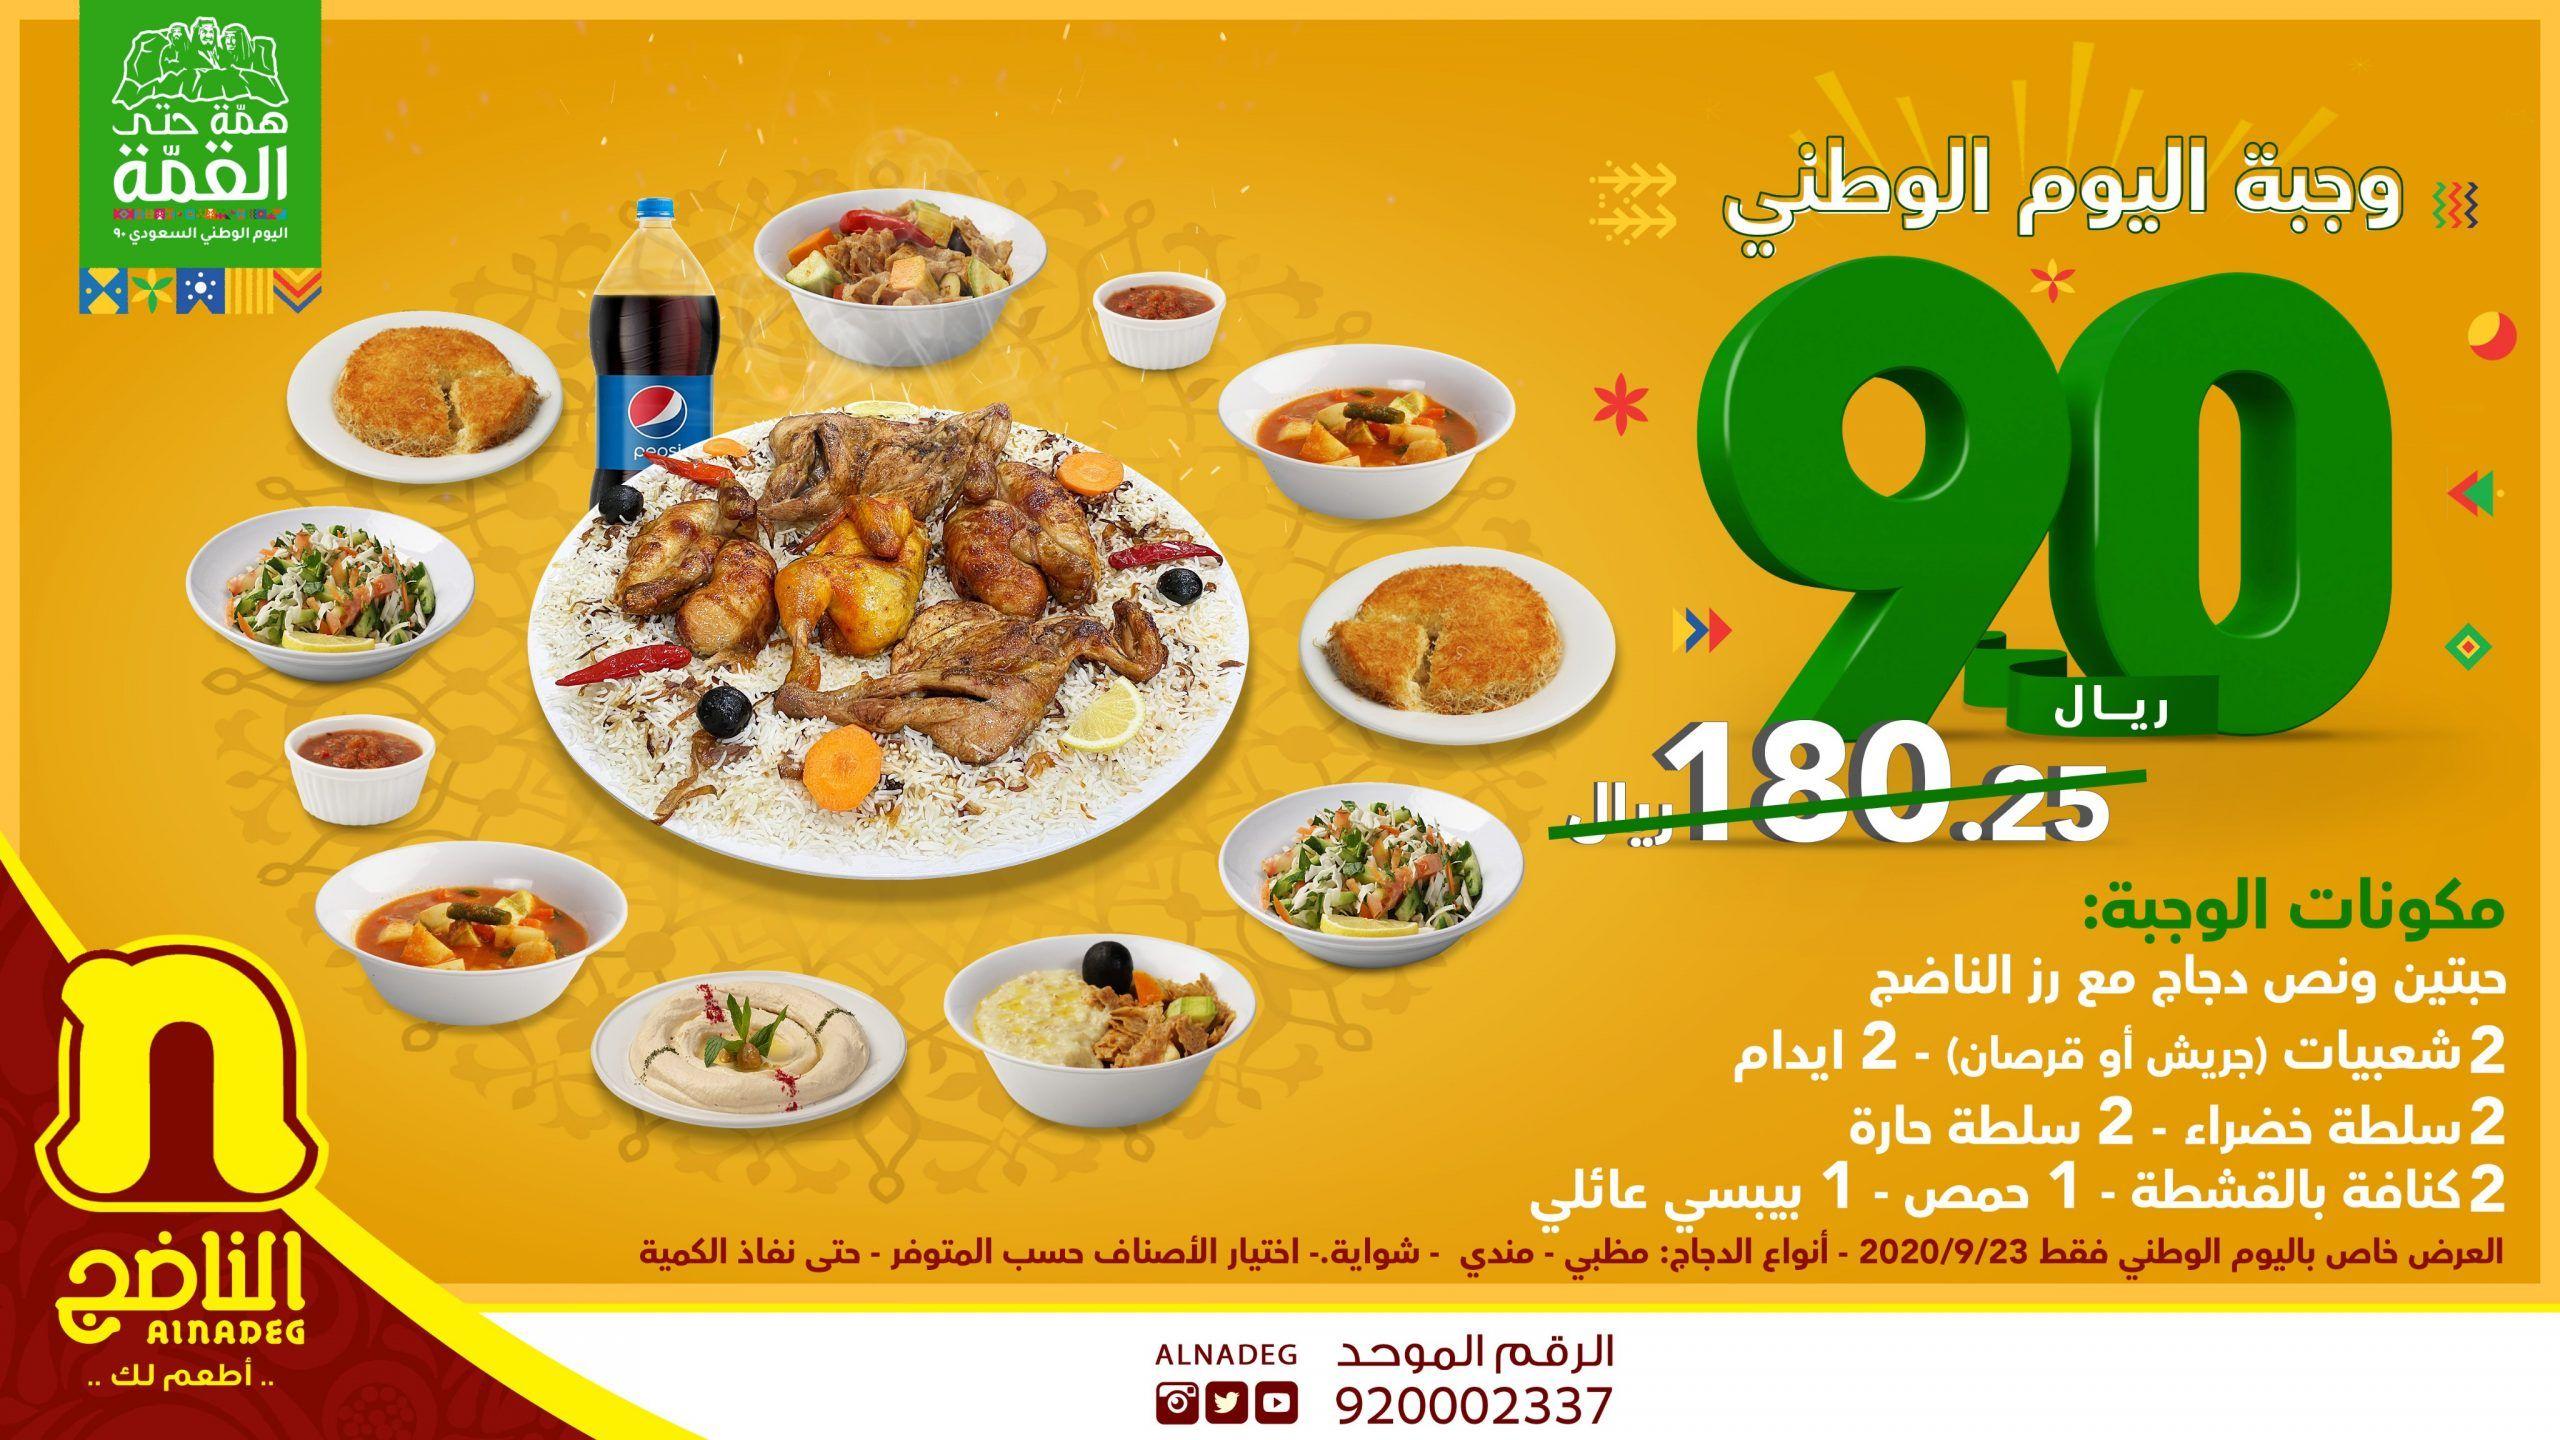 عروض اليوم الوطني 2020 عروض مطعم الناضج لـ 90 ريال عروض المطاعم عروض اليوم National Day 90 S